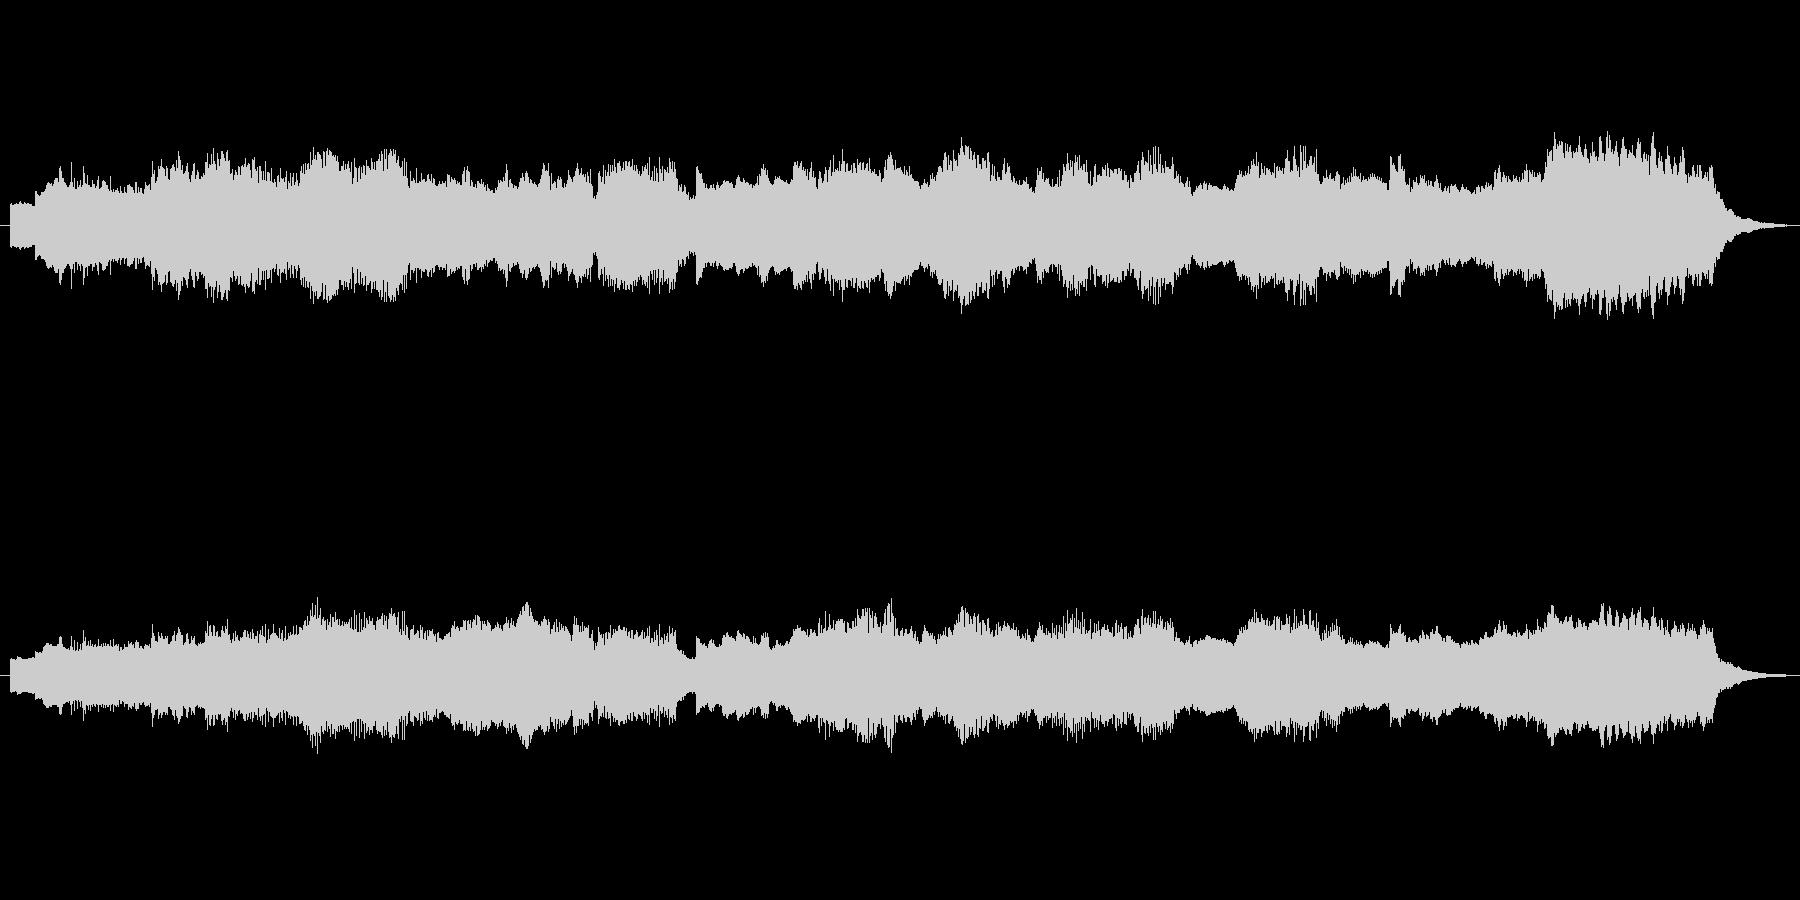 重厚なパイプオルガンの響きの未再生の波形